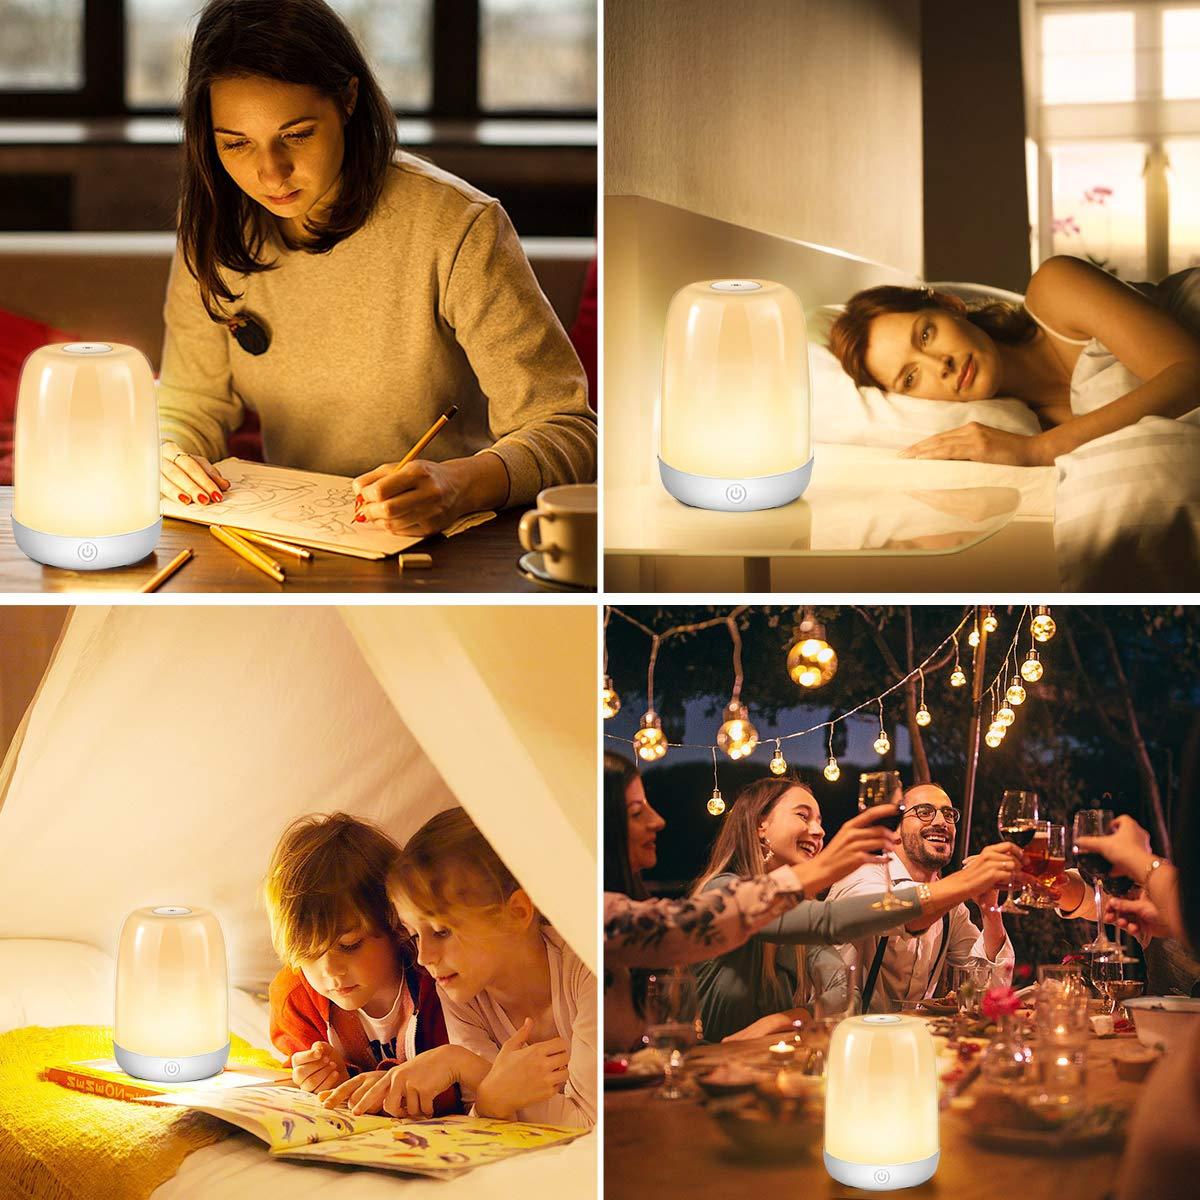 Stimmungslicht Lesen Ber/ührungssensor Dimmbare Nachtlicht LED Nachtlampe Tischlampe Nachttischlampe 3 Helligkeitsstufen/&5 Farbwechsel USB Aufladbar Tragbar f/ür Schlafzimmer Stillen B/üro